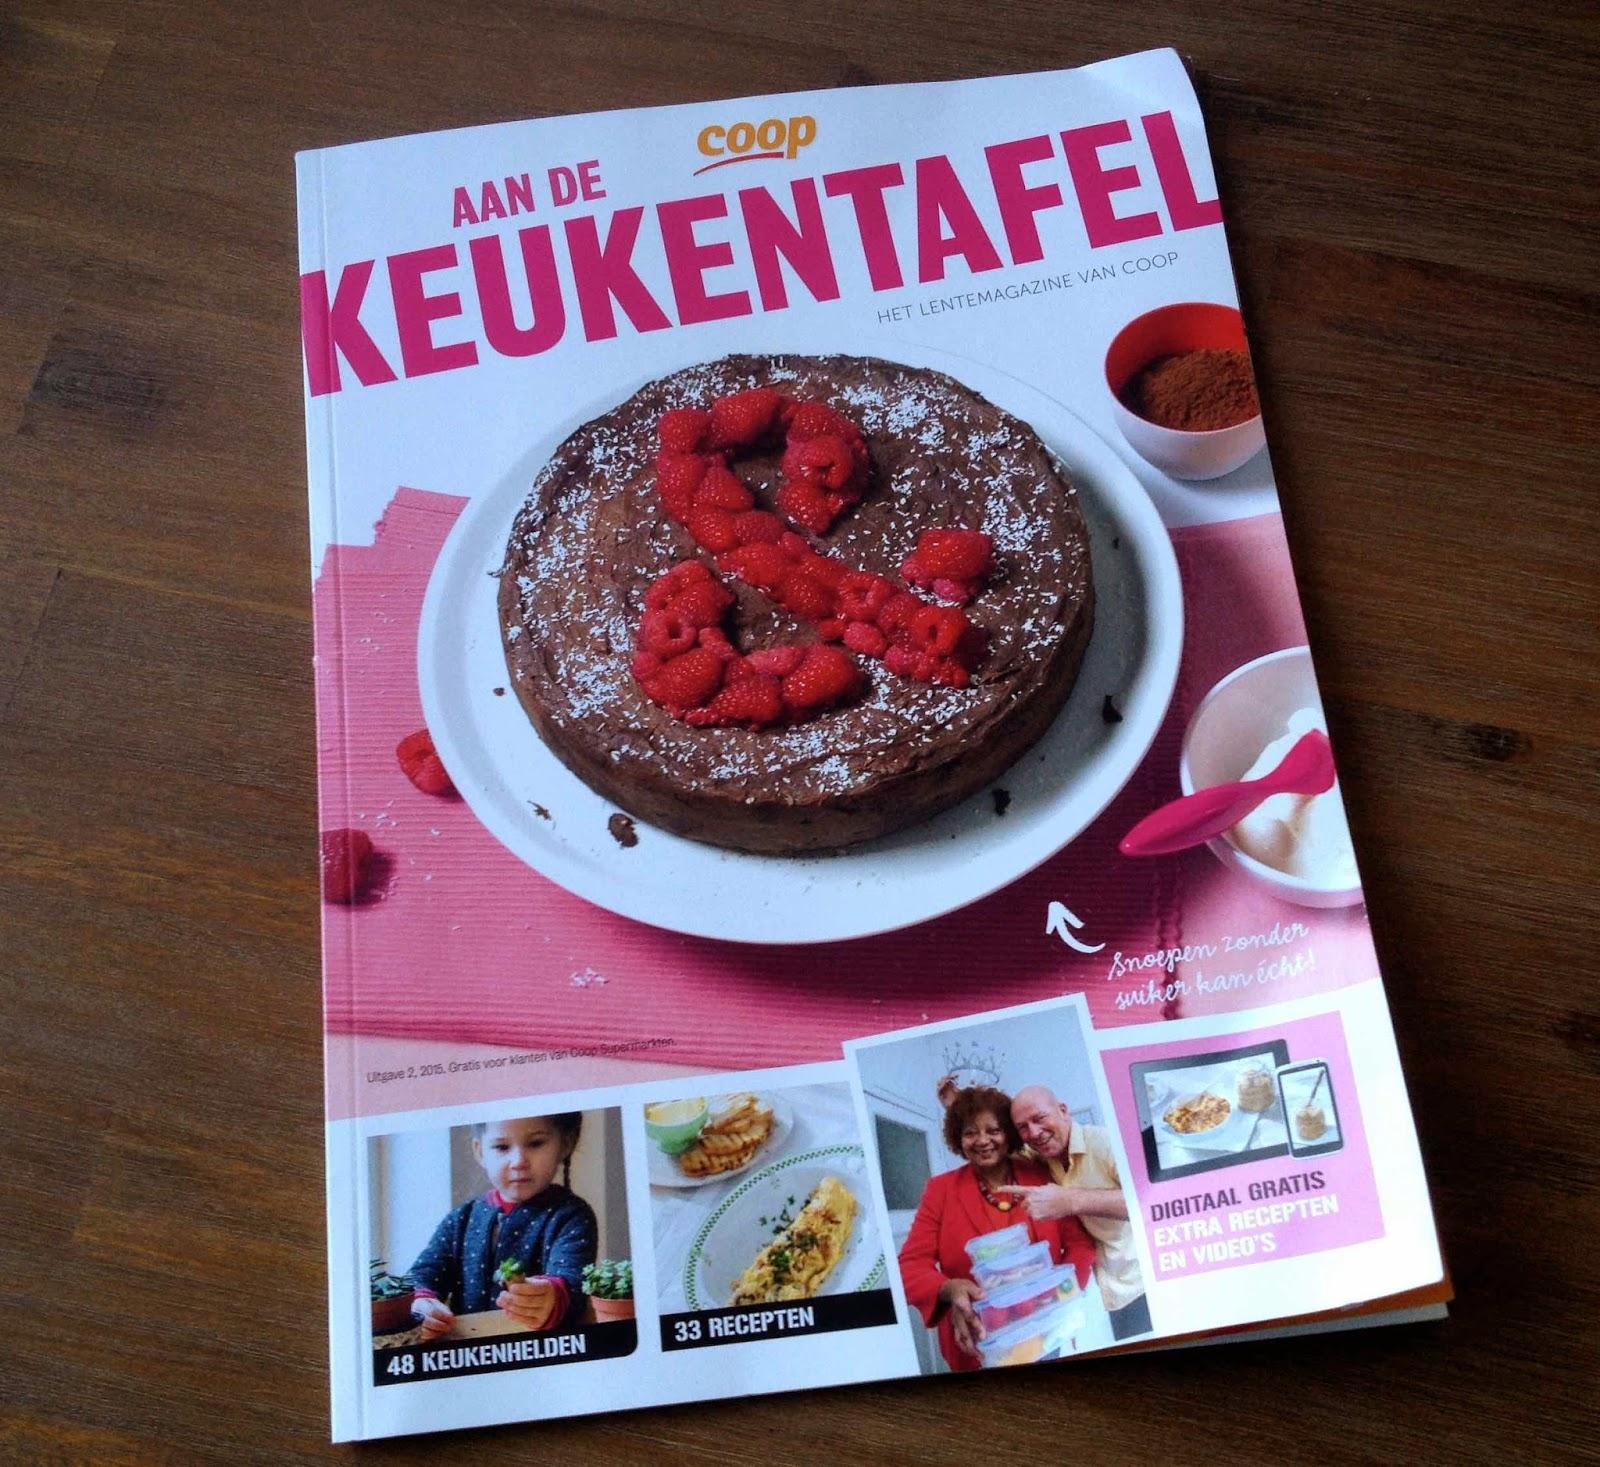 Aan de keukentafel….my 15 seconds of fame!